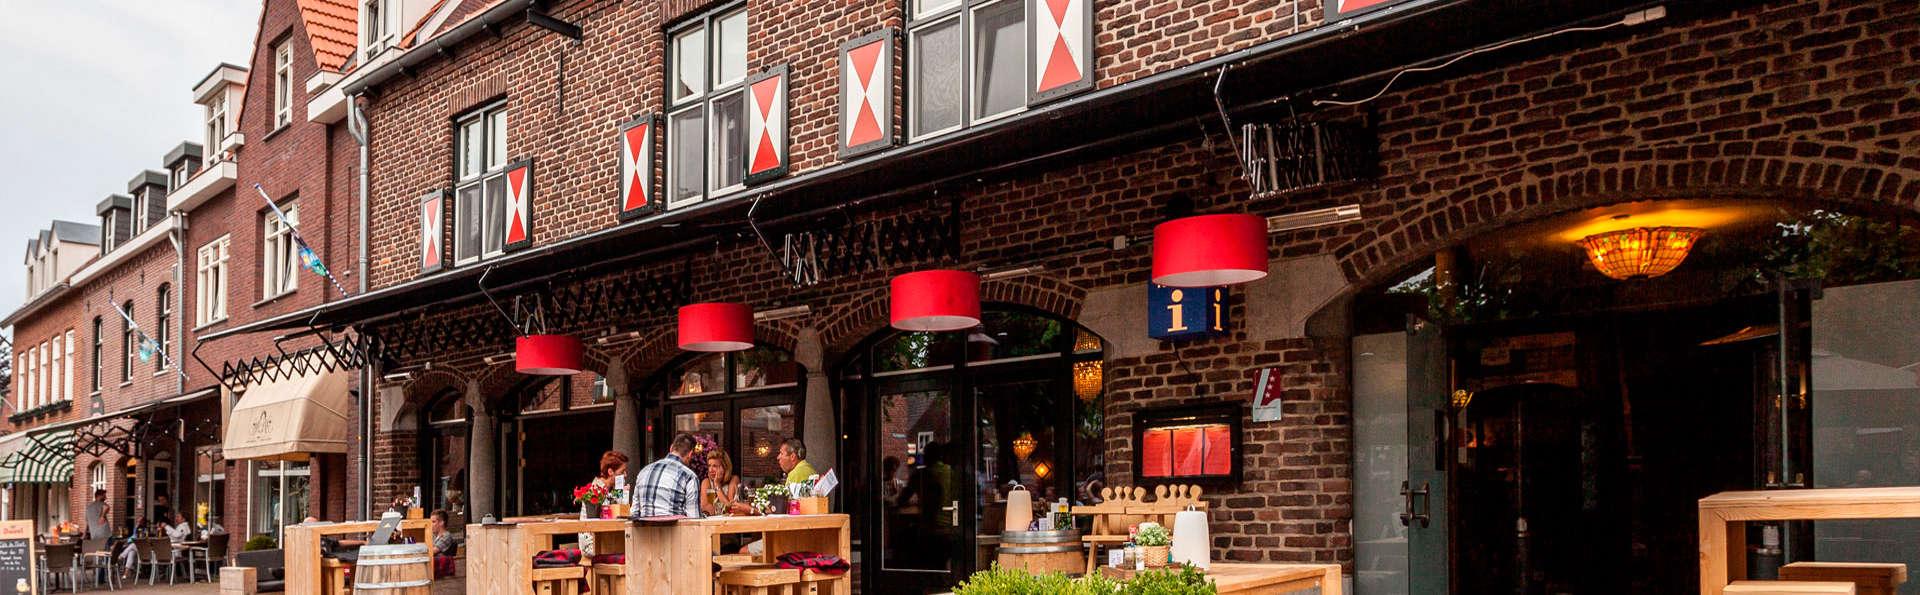 Encanto, relax y gastronomía en los Países Bajos